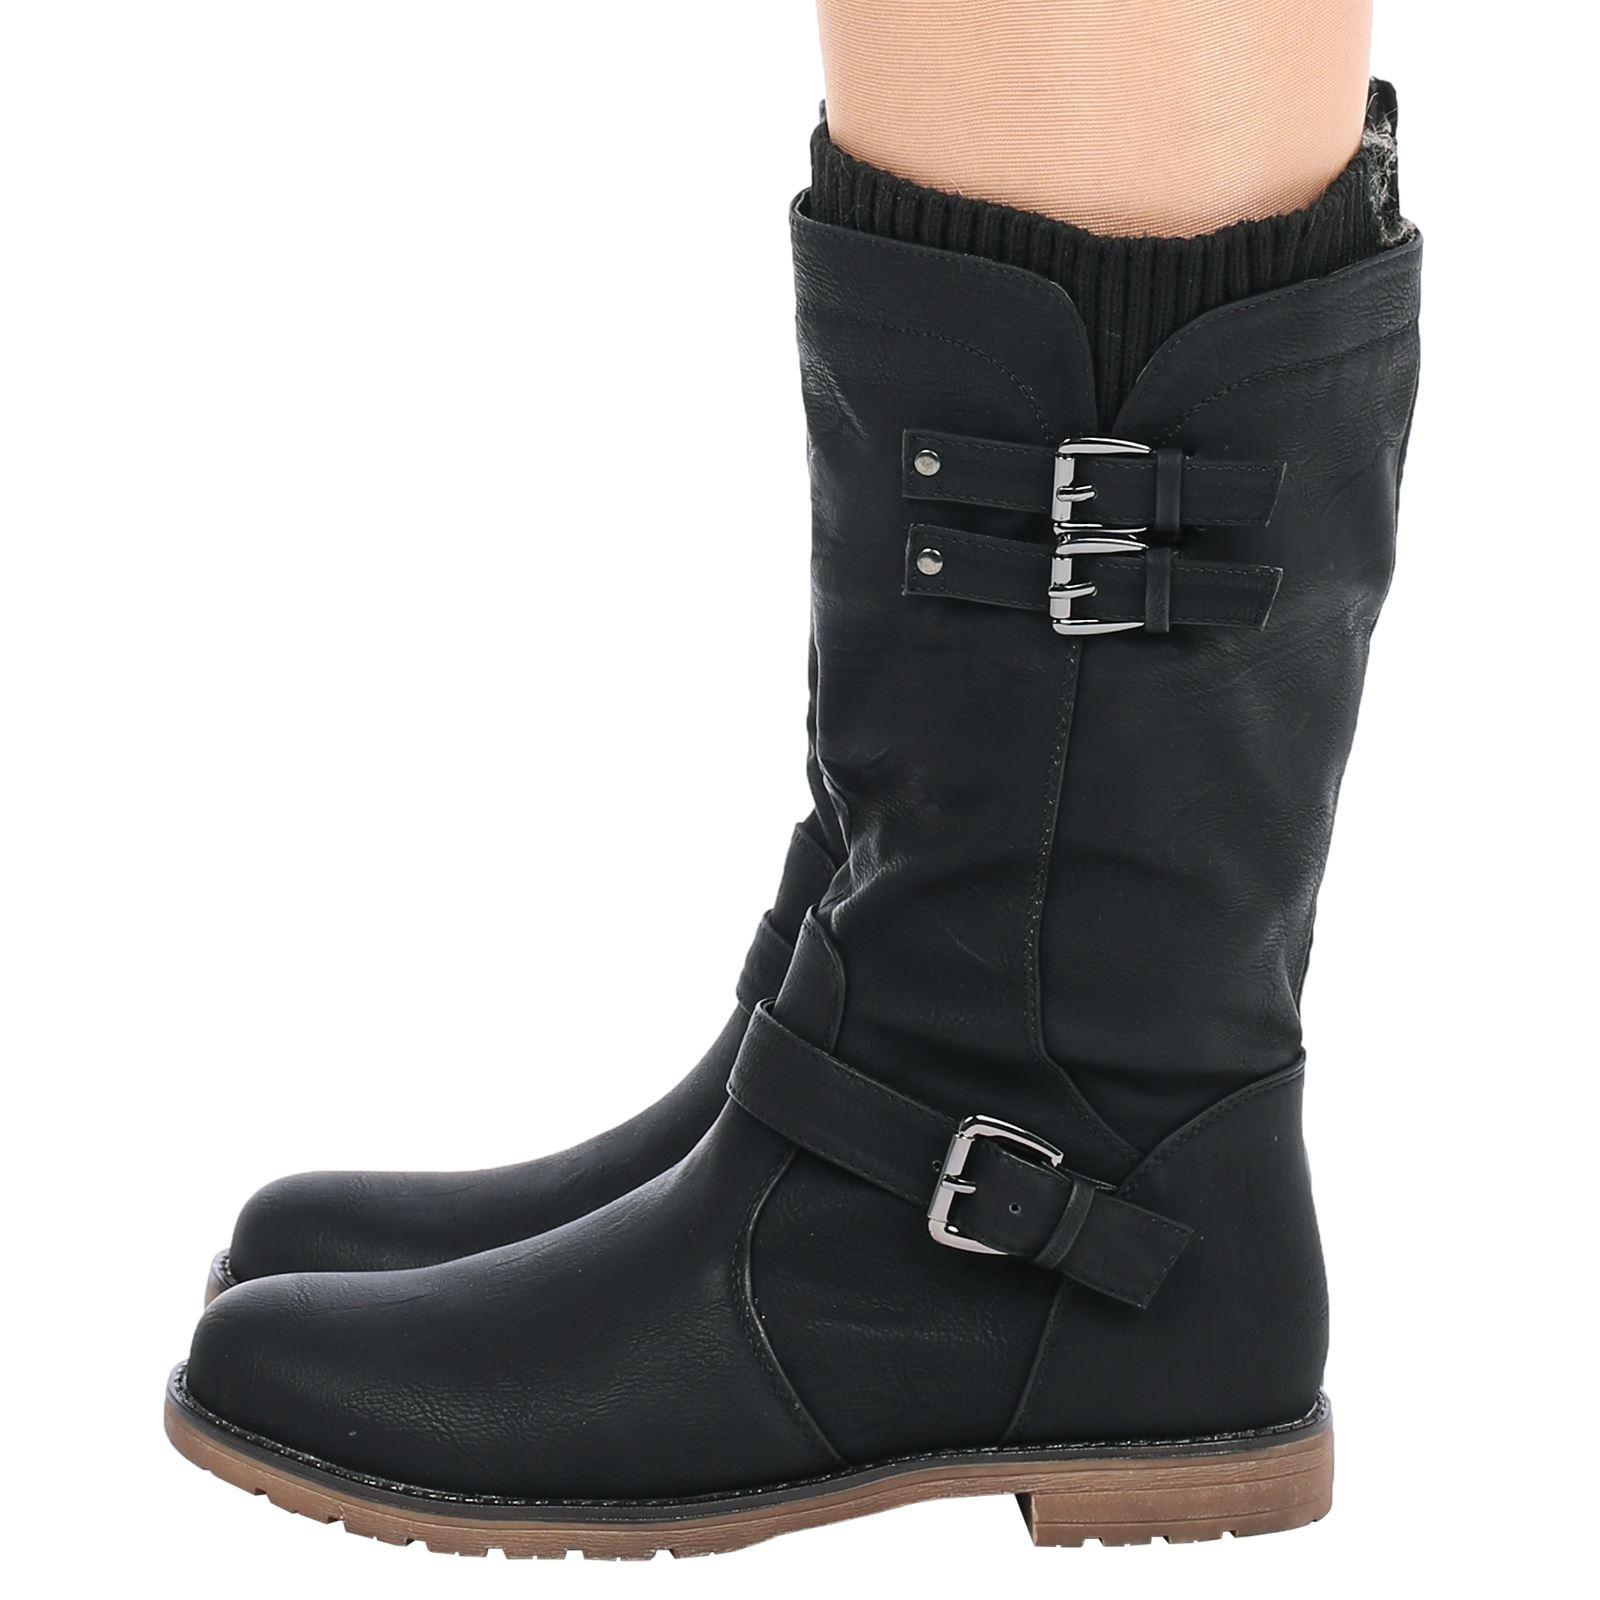 sock boots mid heel womens shoes mid calf low heel winter sock biker boots trendy size ebay